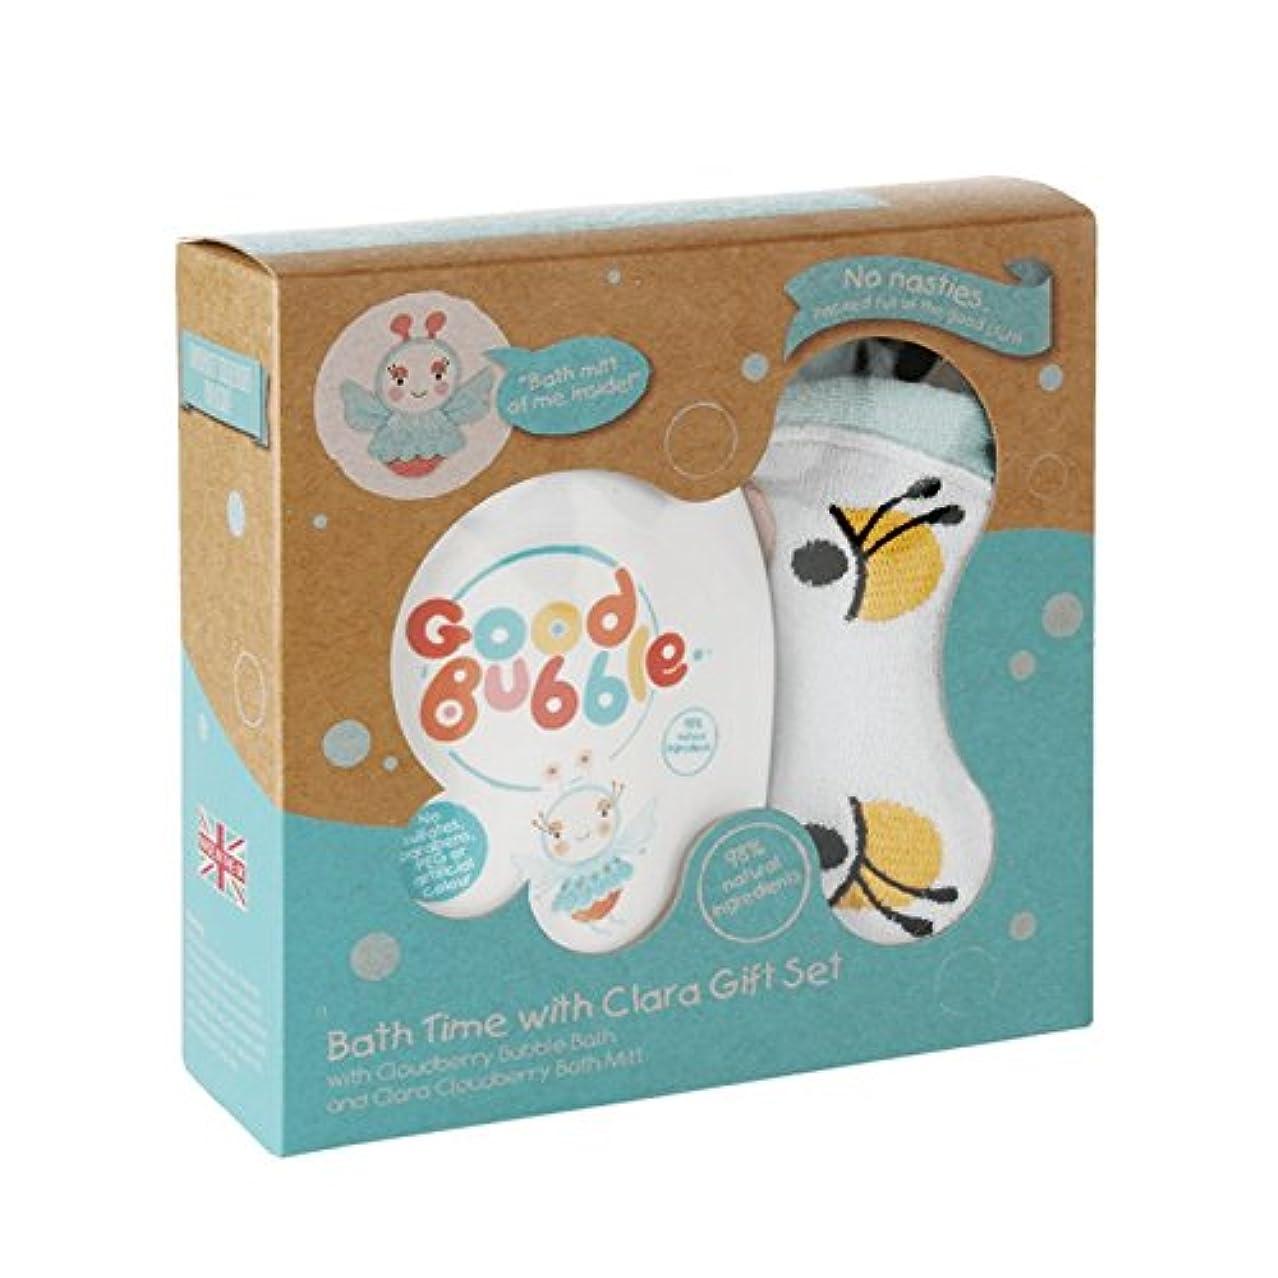 アニメーション静かな不健全Good Bubble Clara Cloudberry Gift Set 550g (Pack of 2) - 良いバブルクララクラウドベリーギフトセット550グラム (x2) [並行輸入品]